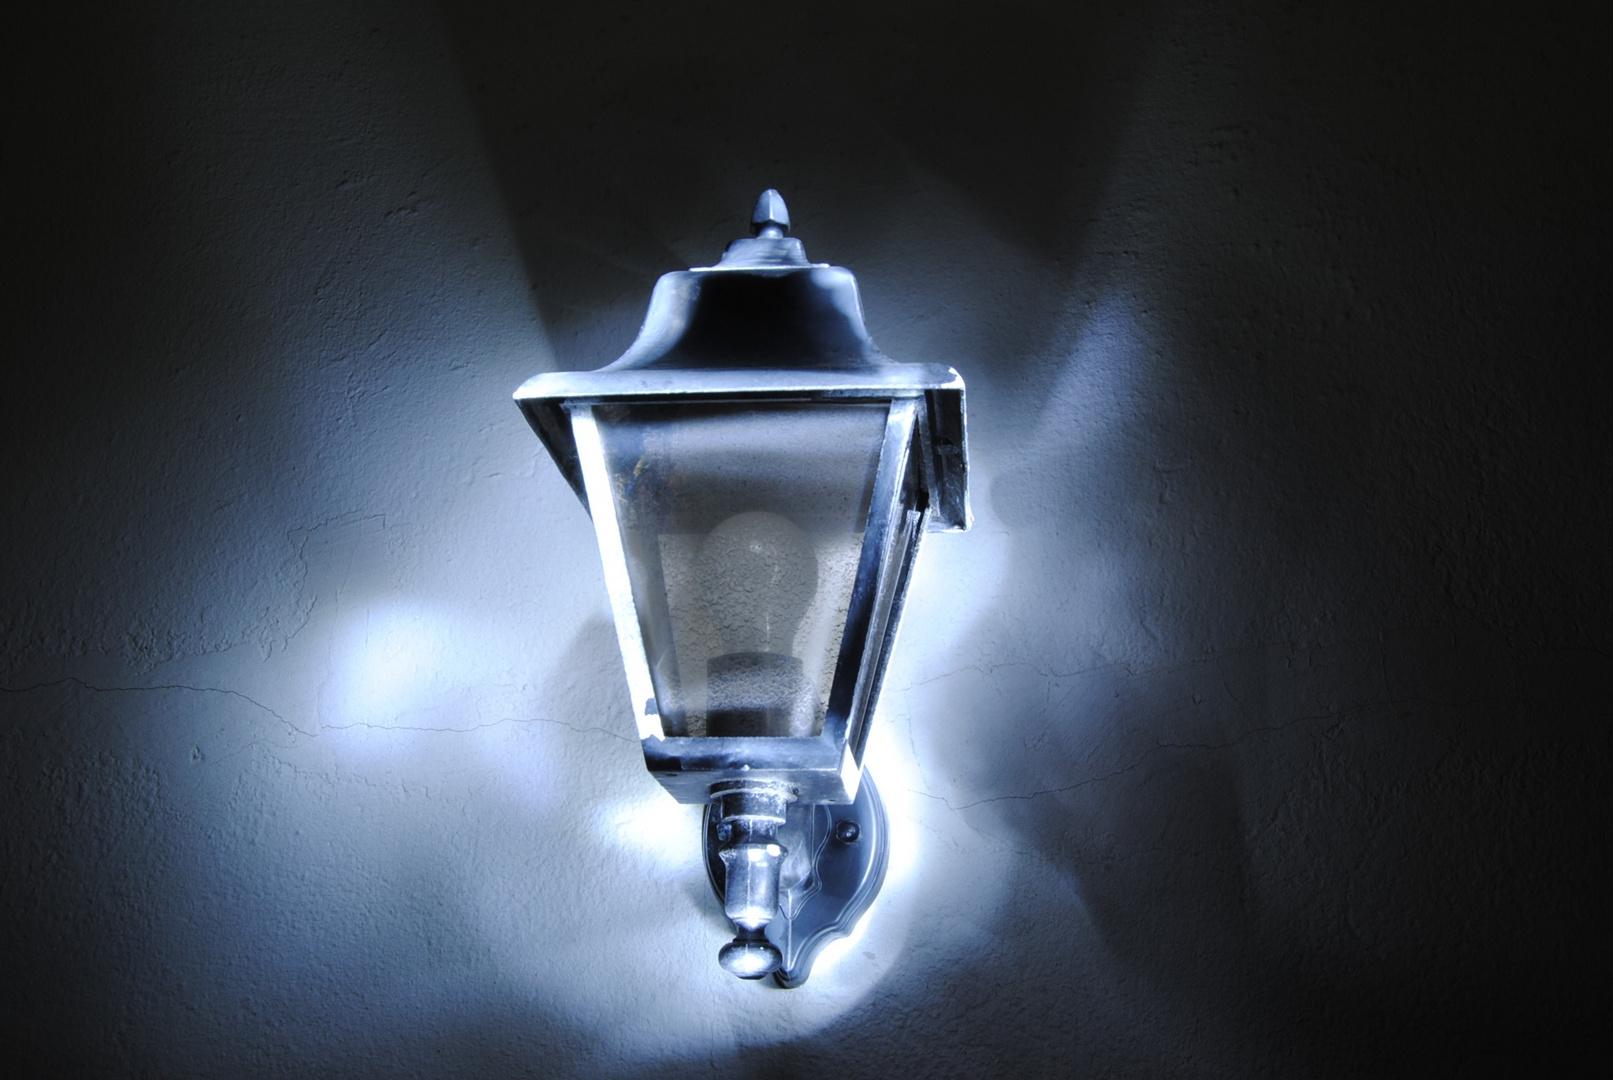 Eine Lampe verliert ihr Licht.